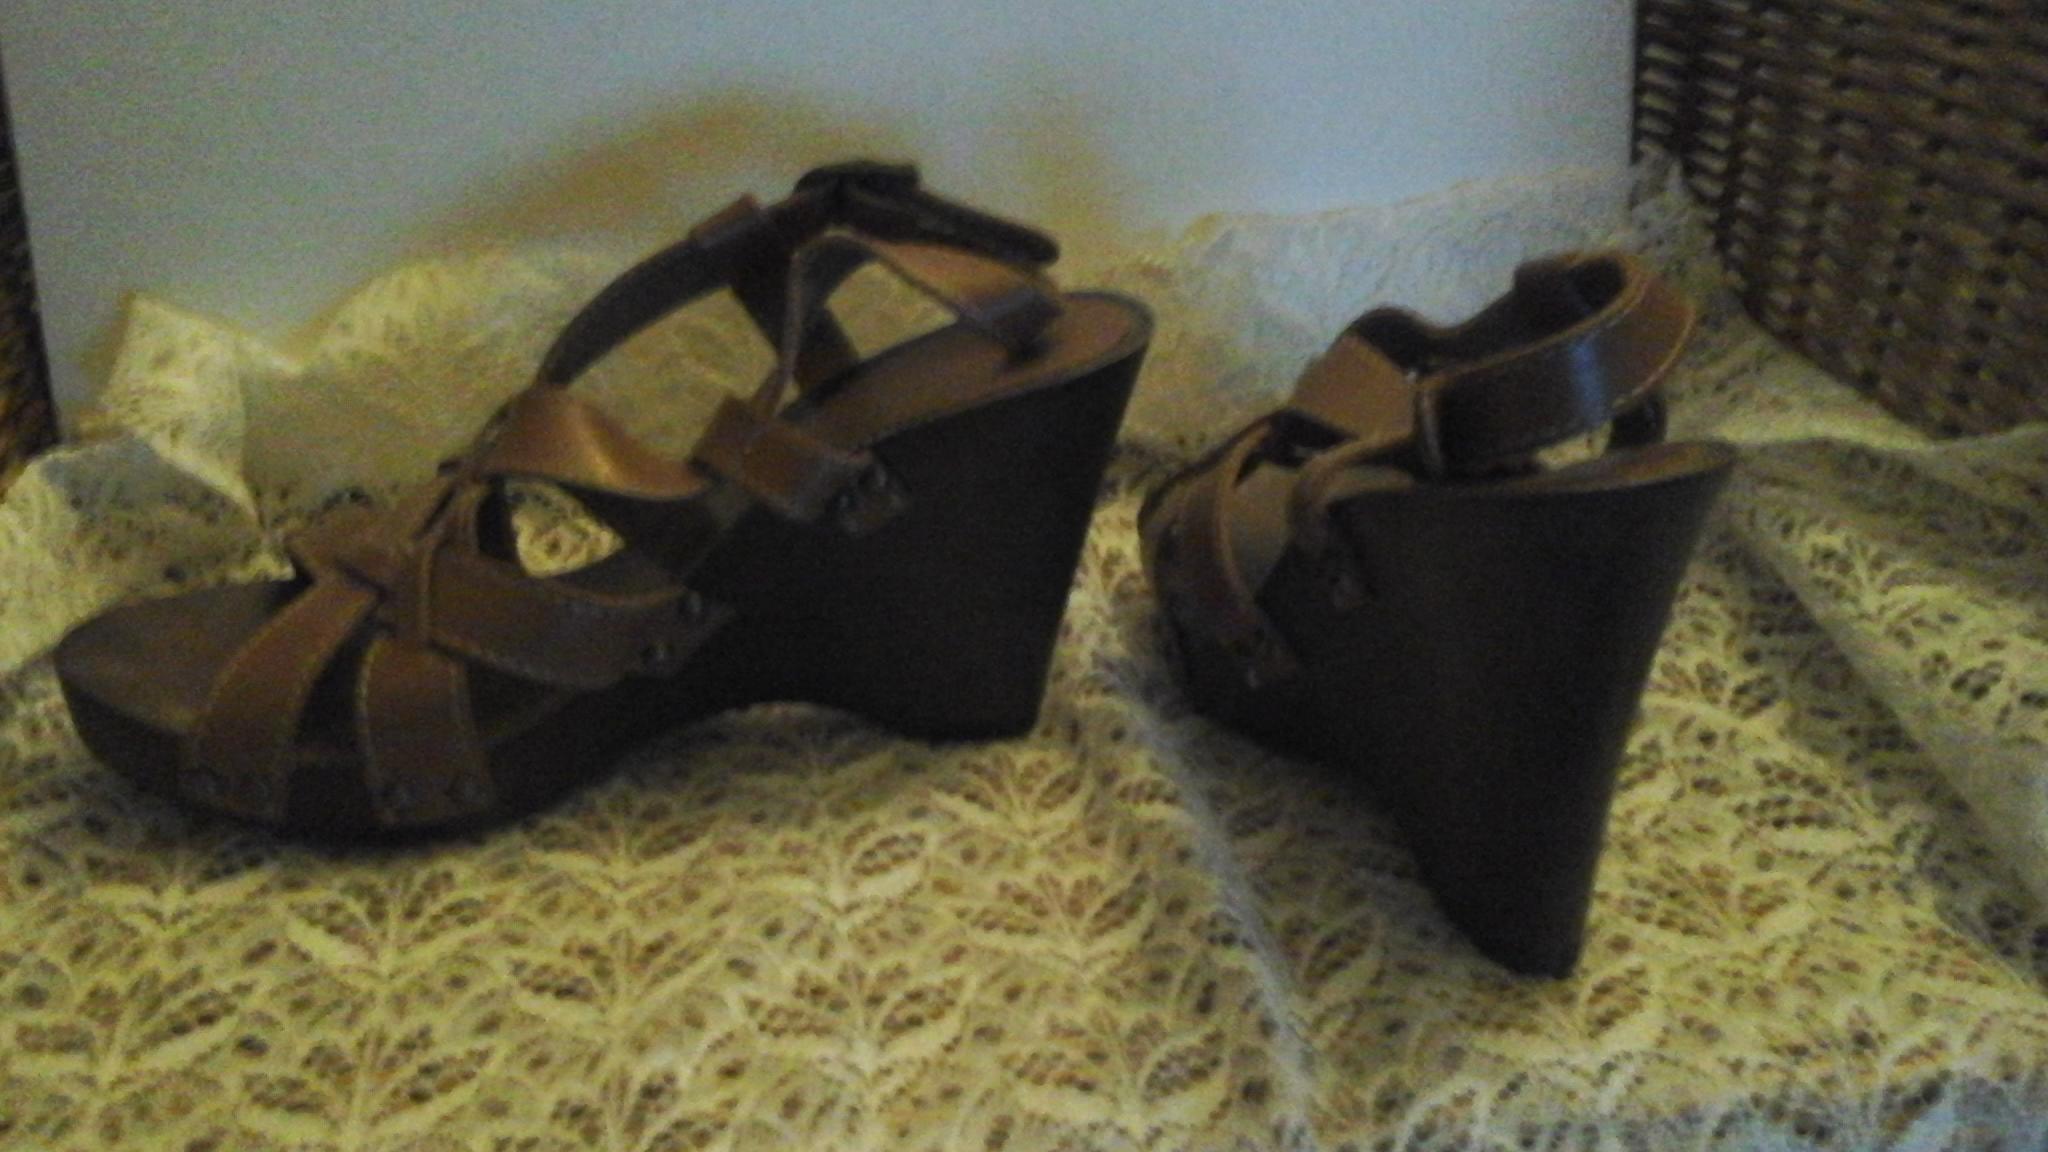 troc de troc chaussures taille 35 image 1